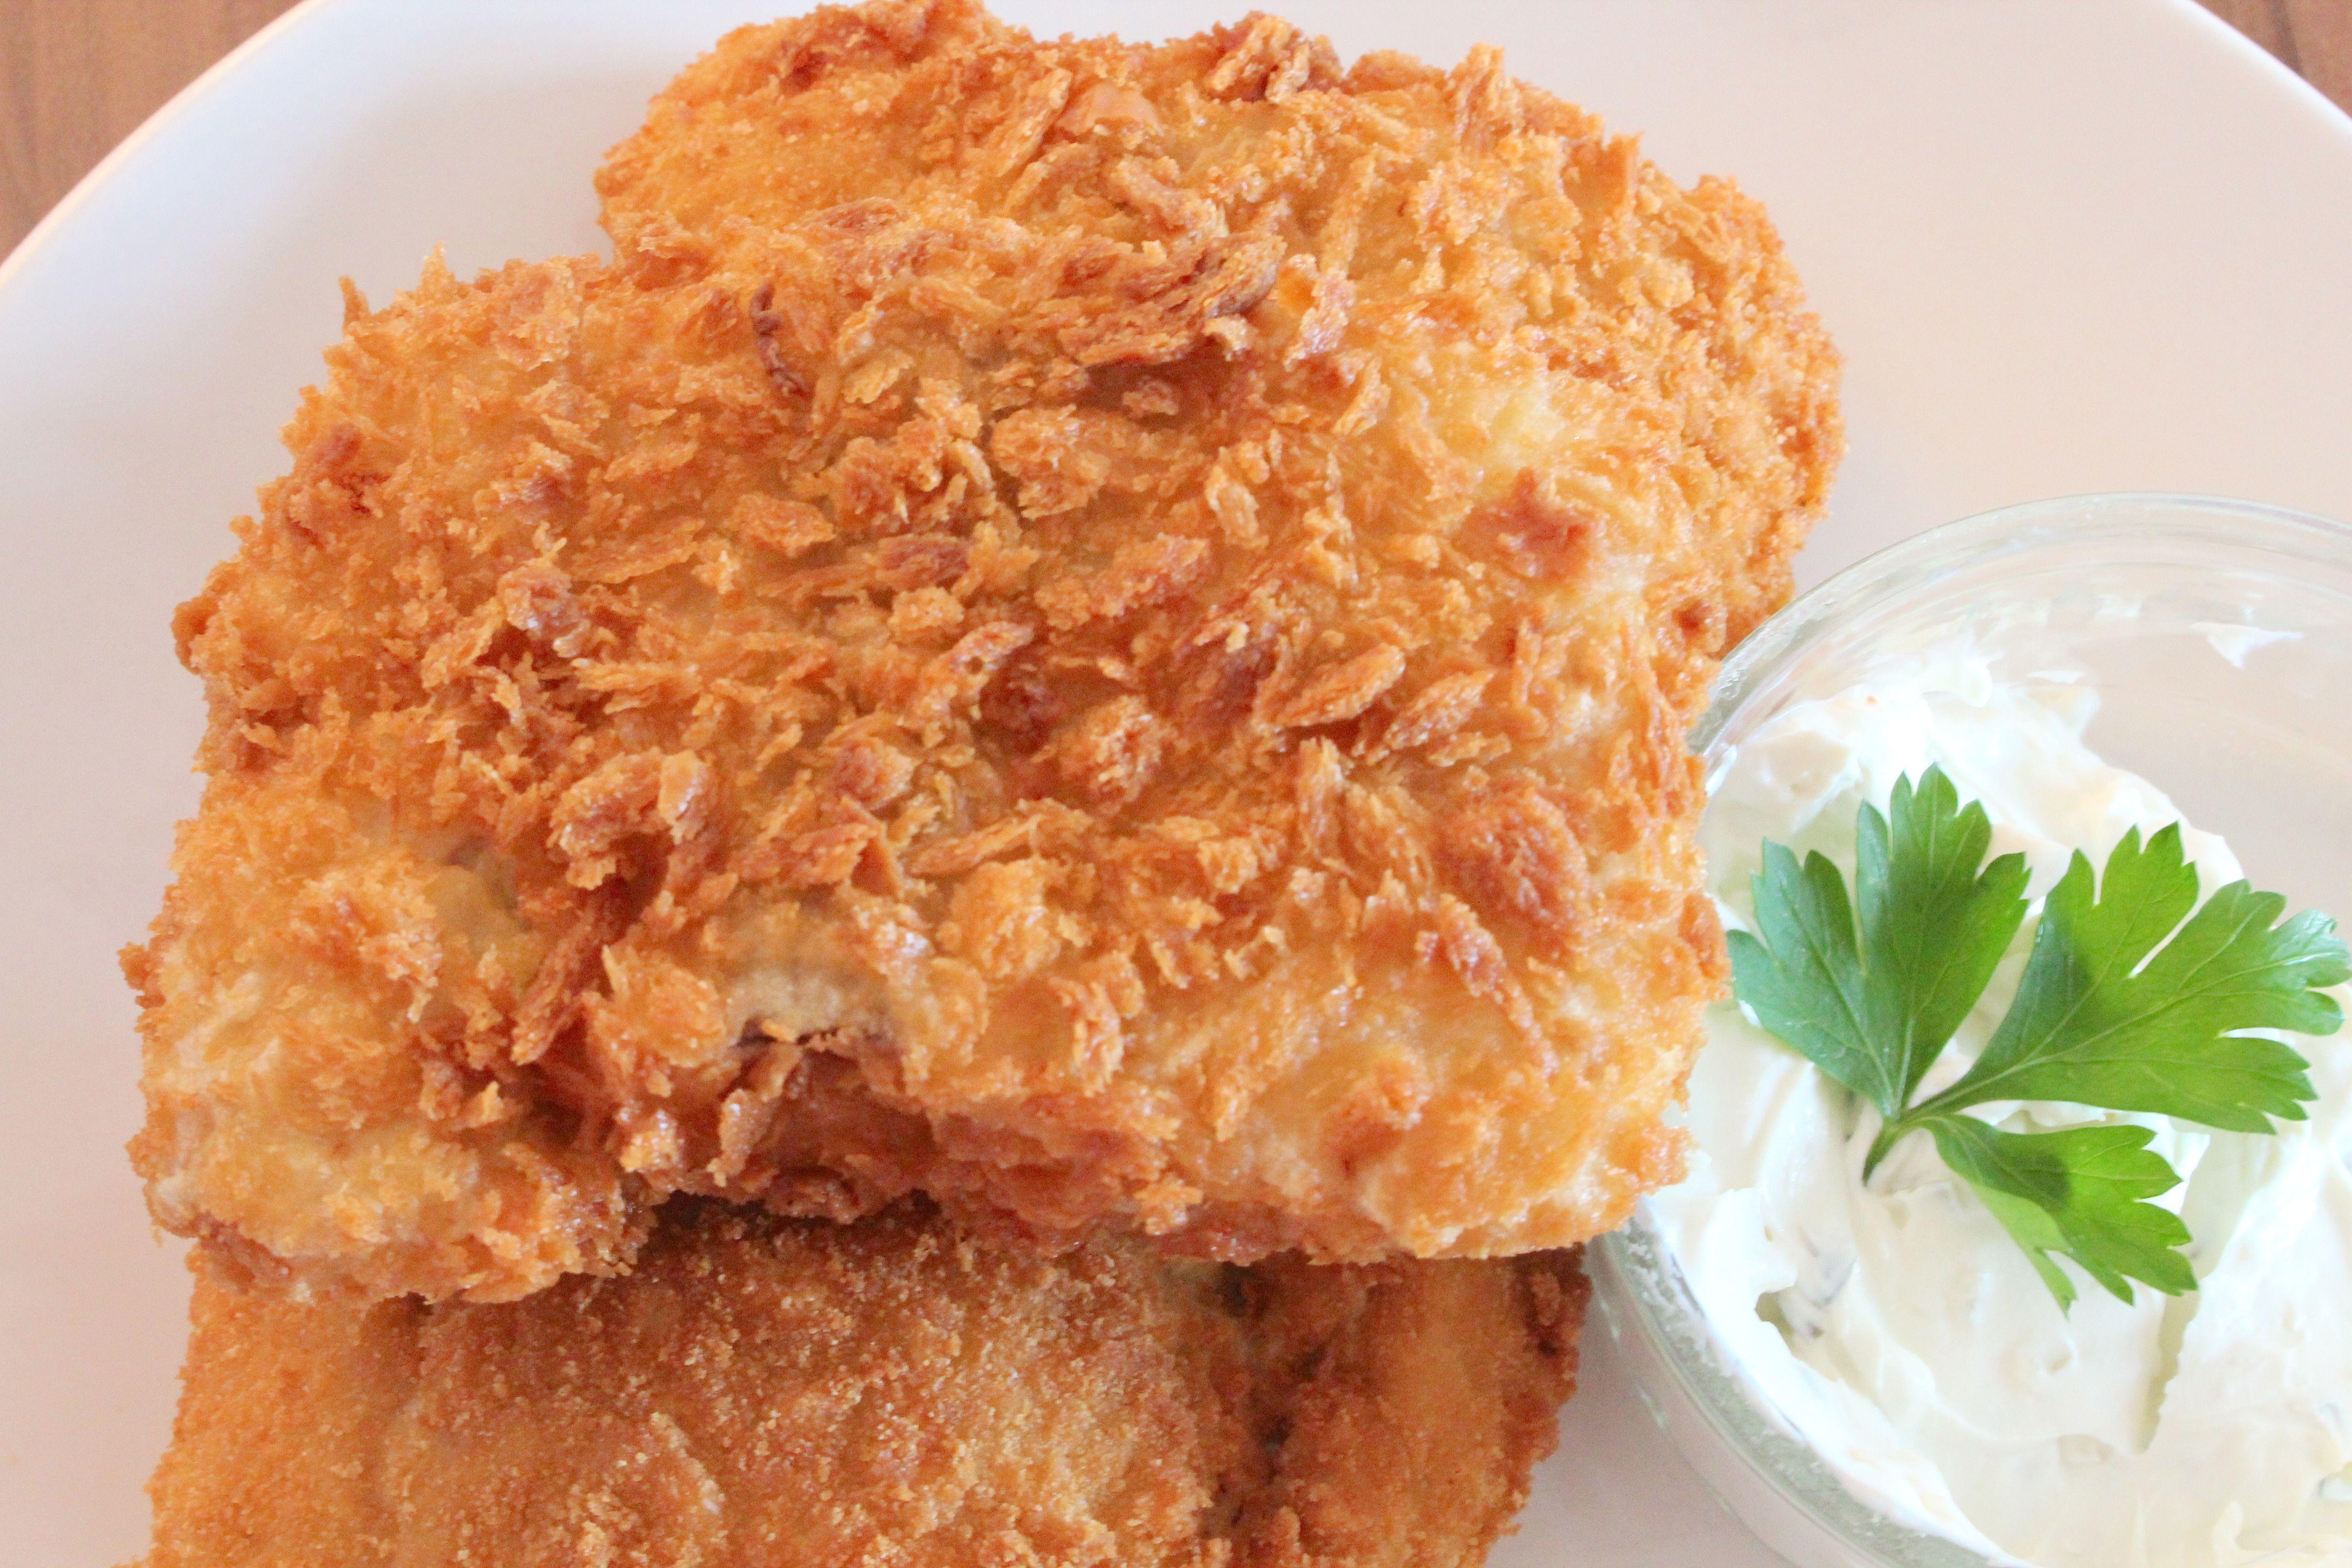 Bread Crumb Fried Salmon Salmon Goreng Tepung Roti Bilingual Eng Indonesia Makanan Rotis Remah Roti